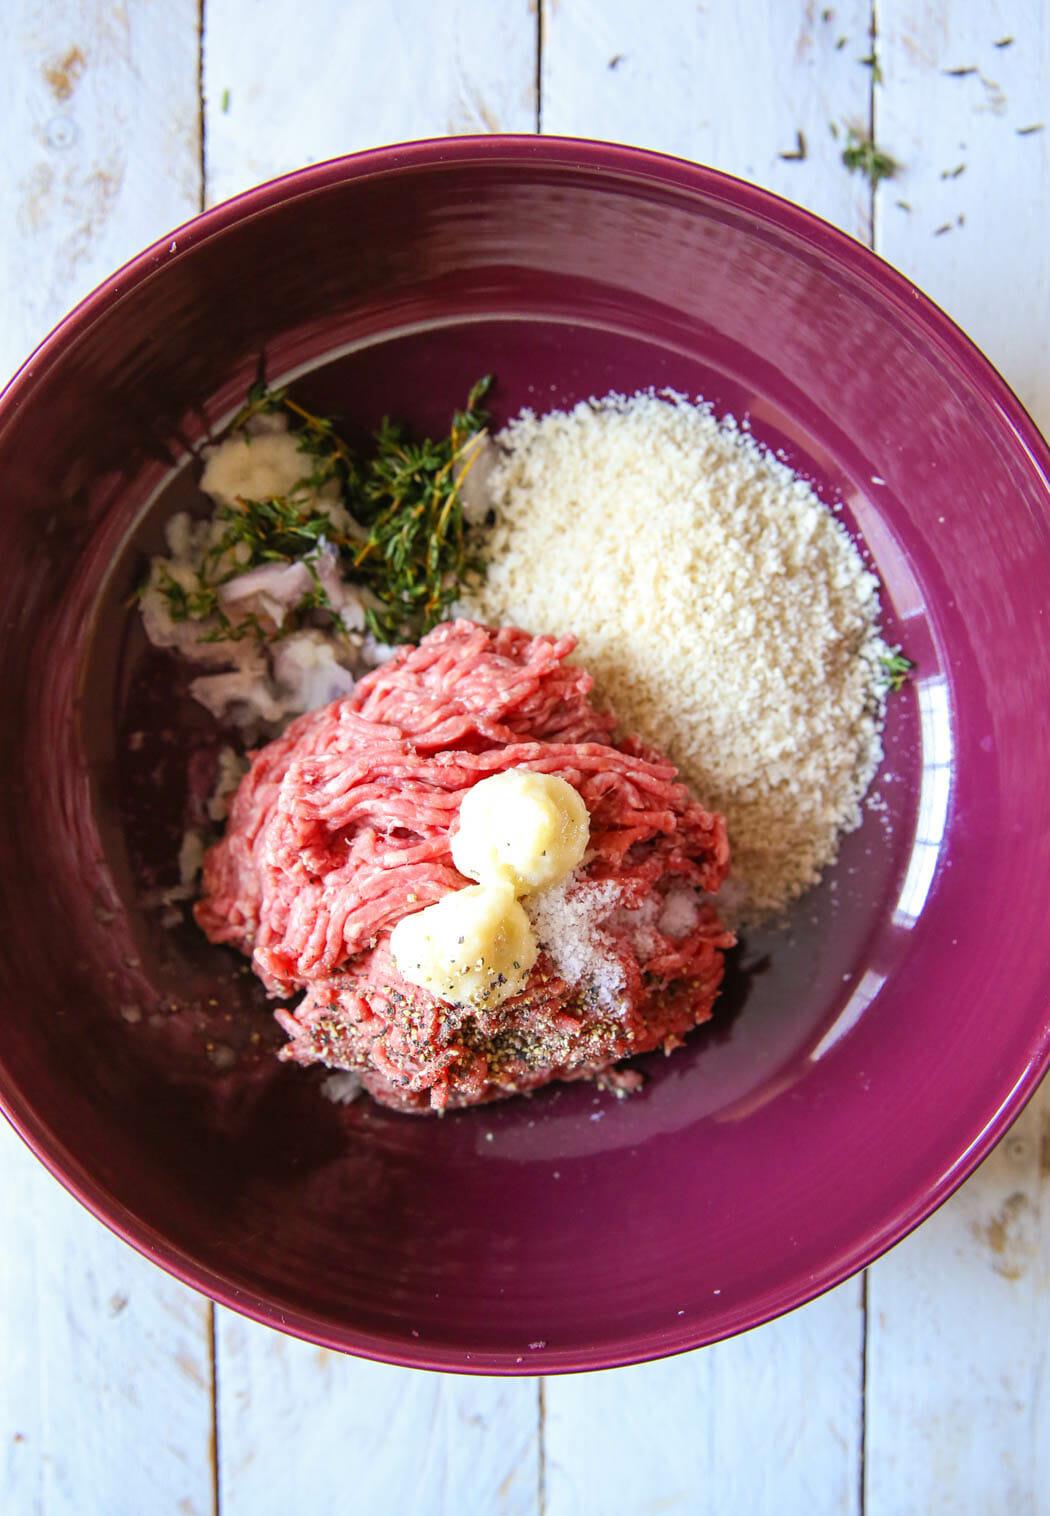 meatloaf ingredients in bowl